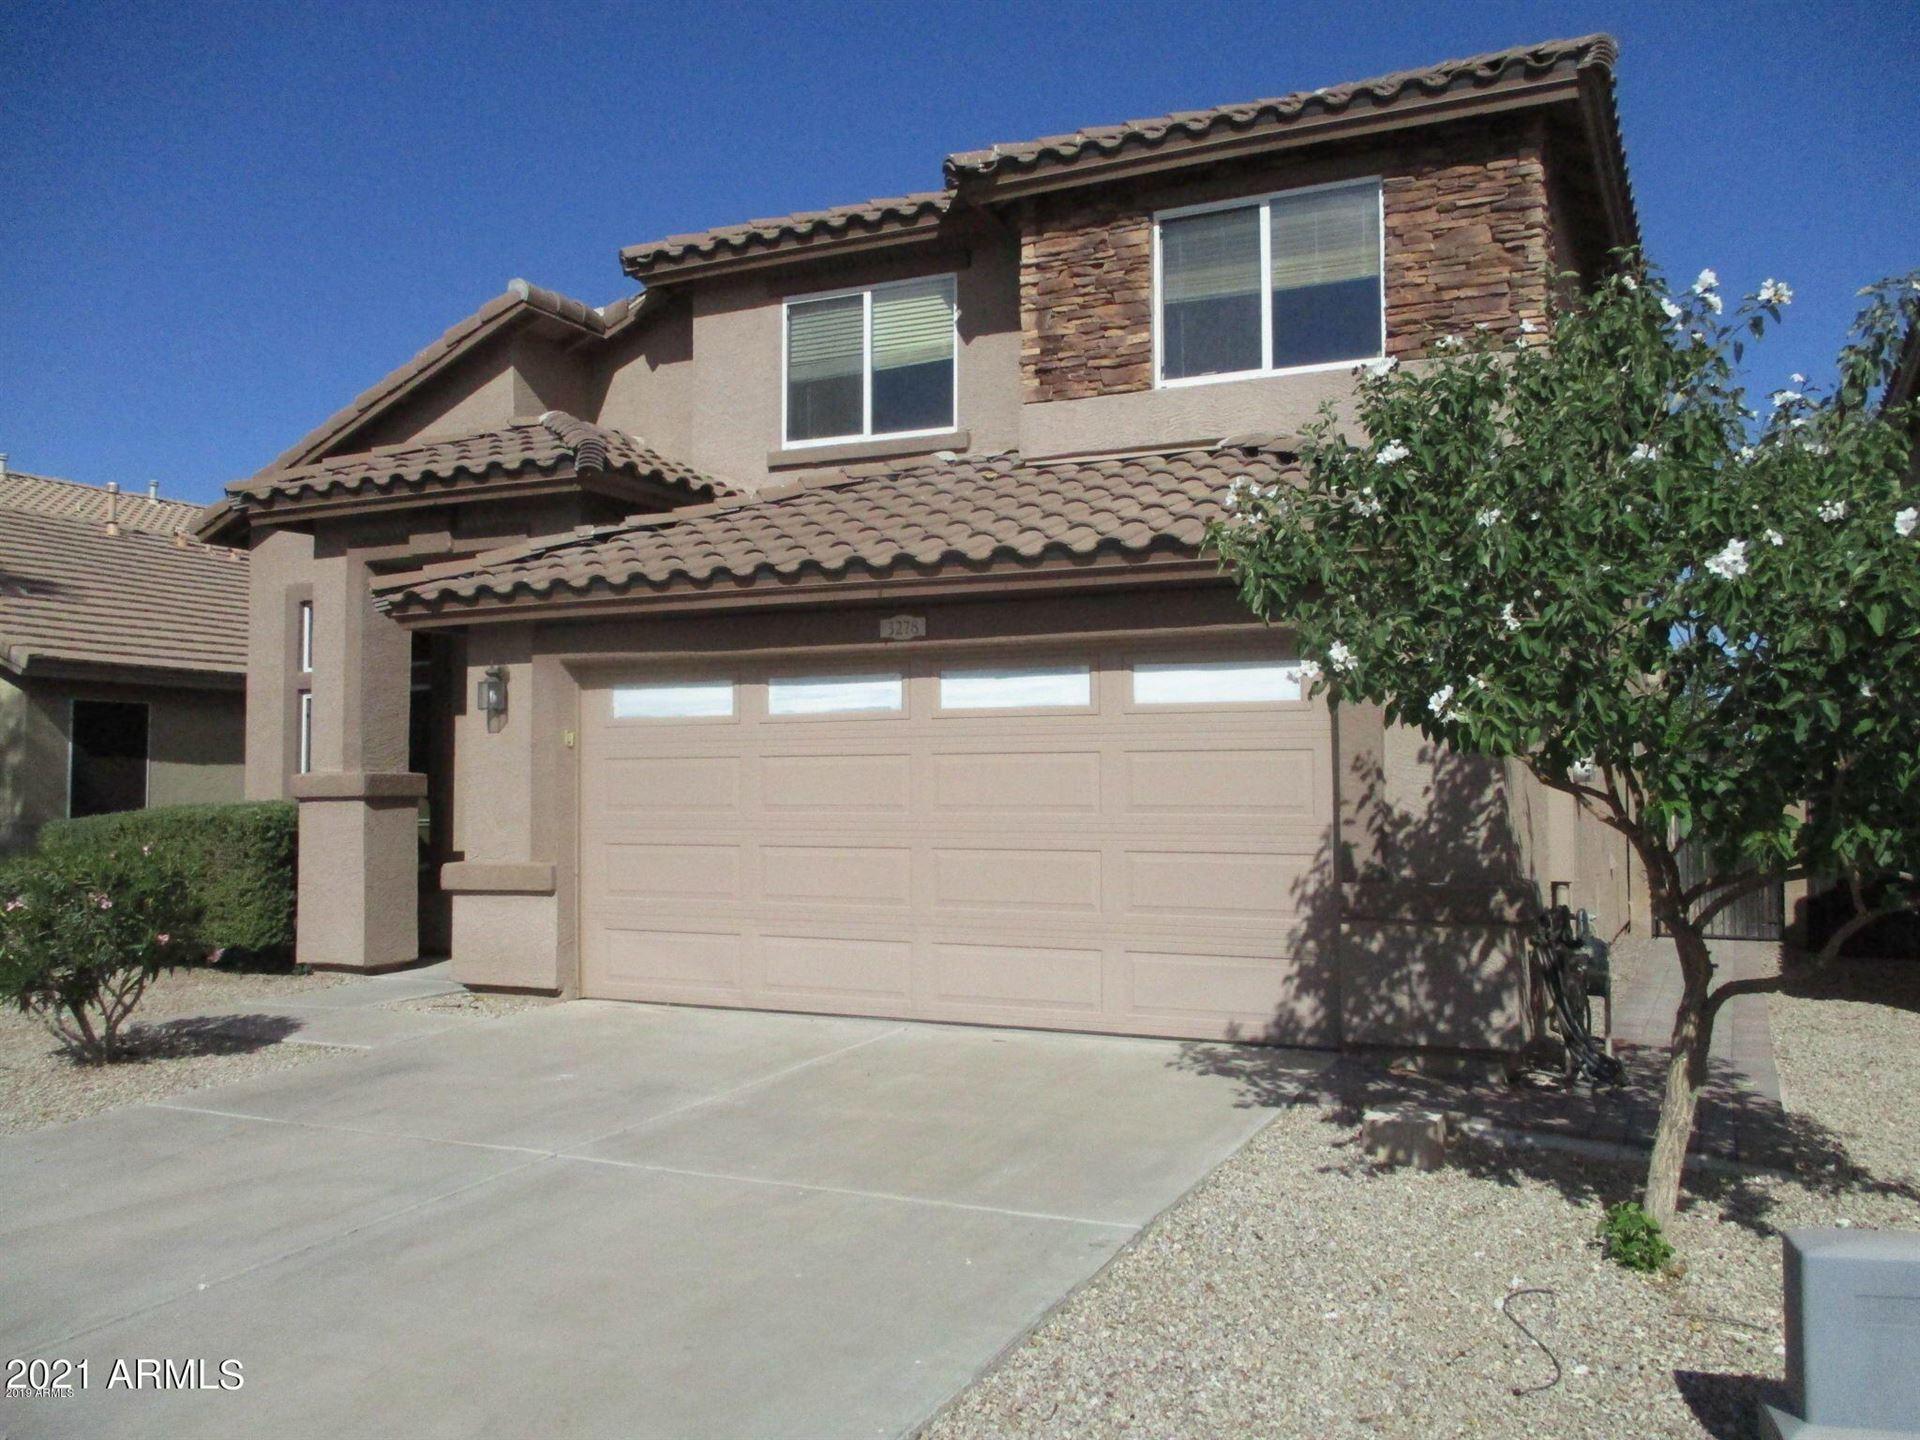 Photo of 3278 W YELLOW PEAK Drive, Queen Creek, AZ 85142 (MLS # 6286795)